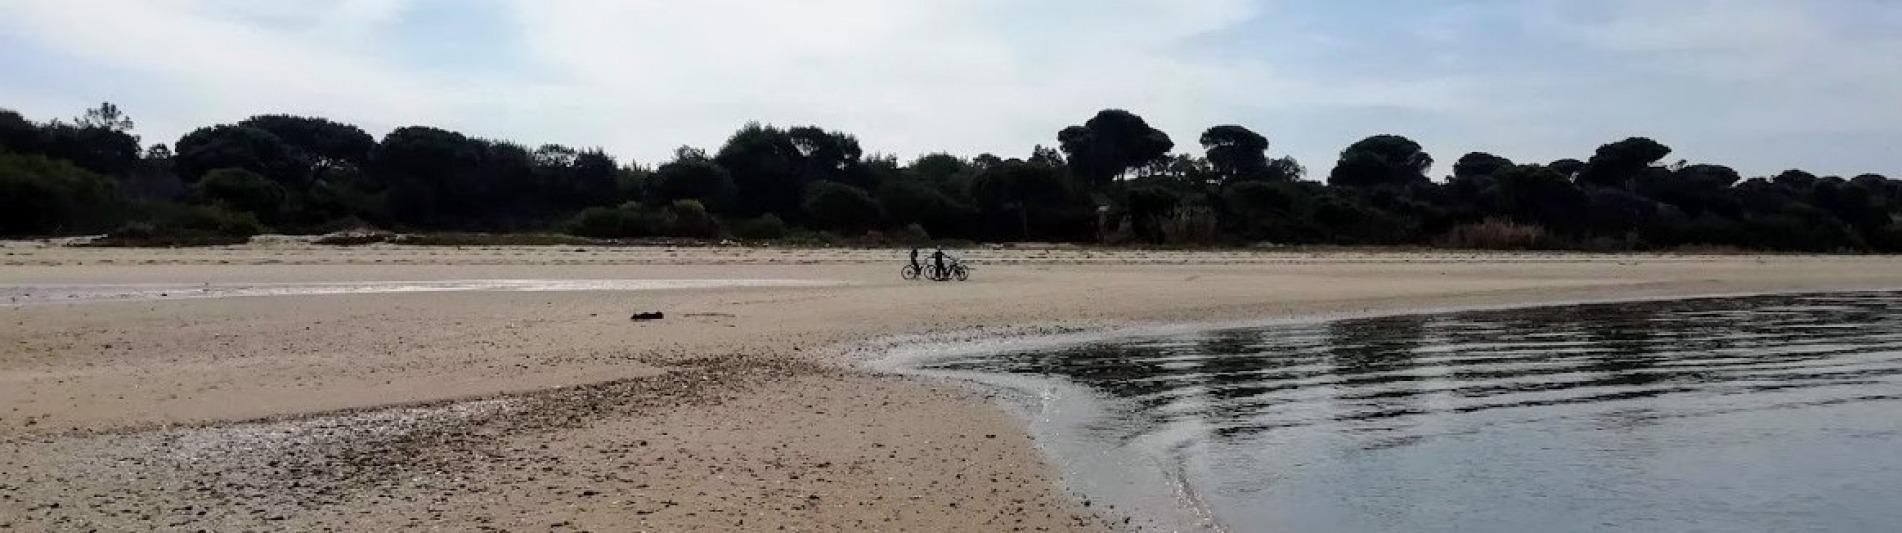 margem_sul-passeio_bicicleta-23